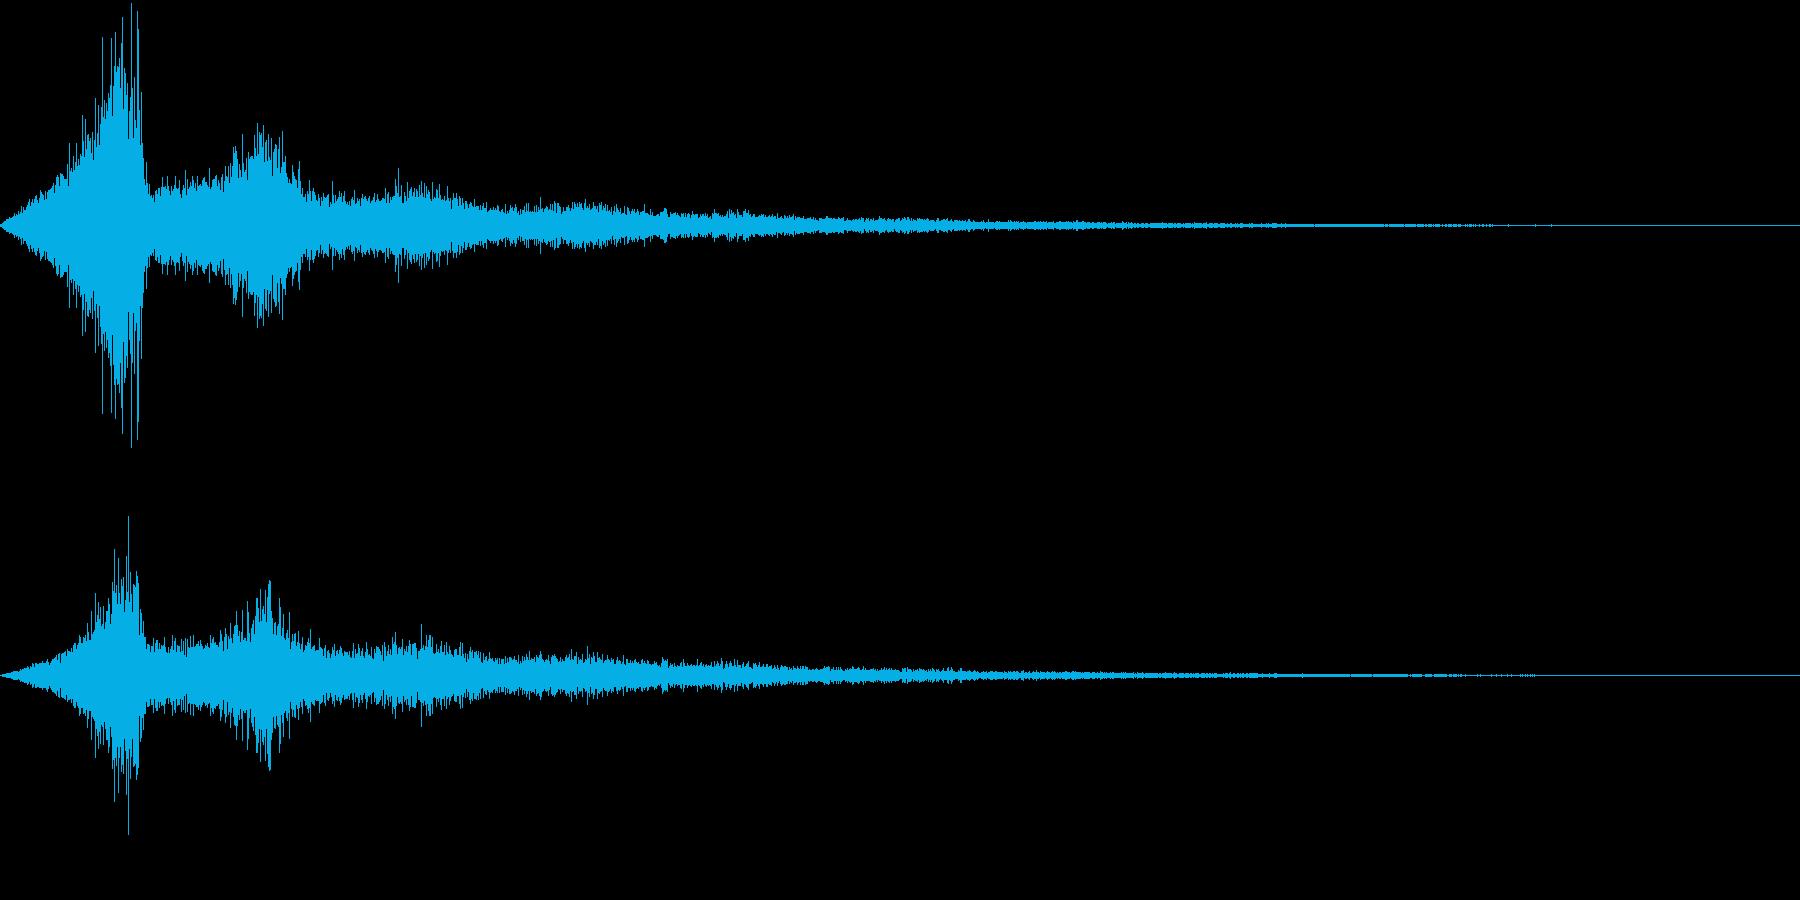 TV RADIO SFX5 強調効果音の再生済みの波形